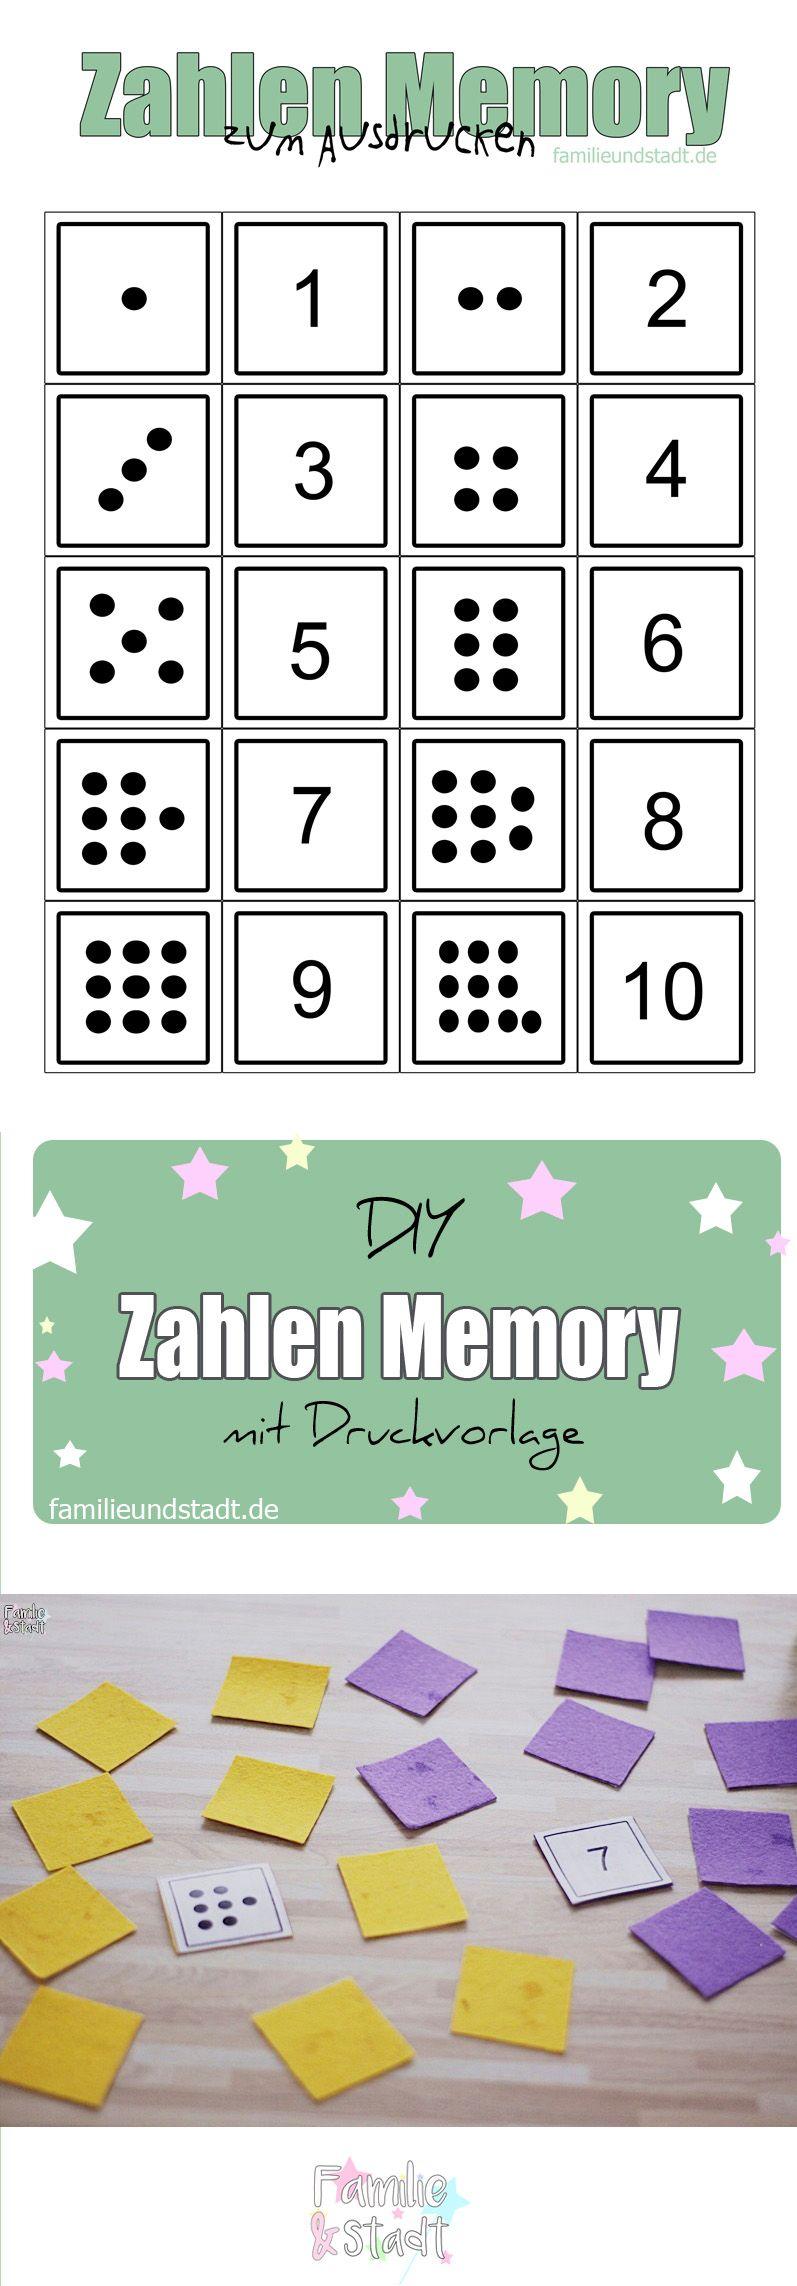 Zahlenmemory bis 10 selber basteln zum Ausdrucken | Sayılar ...